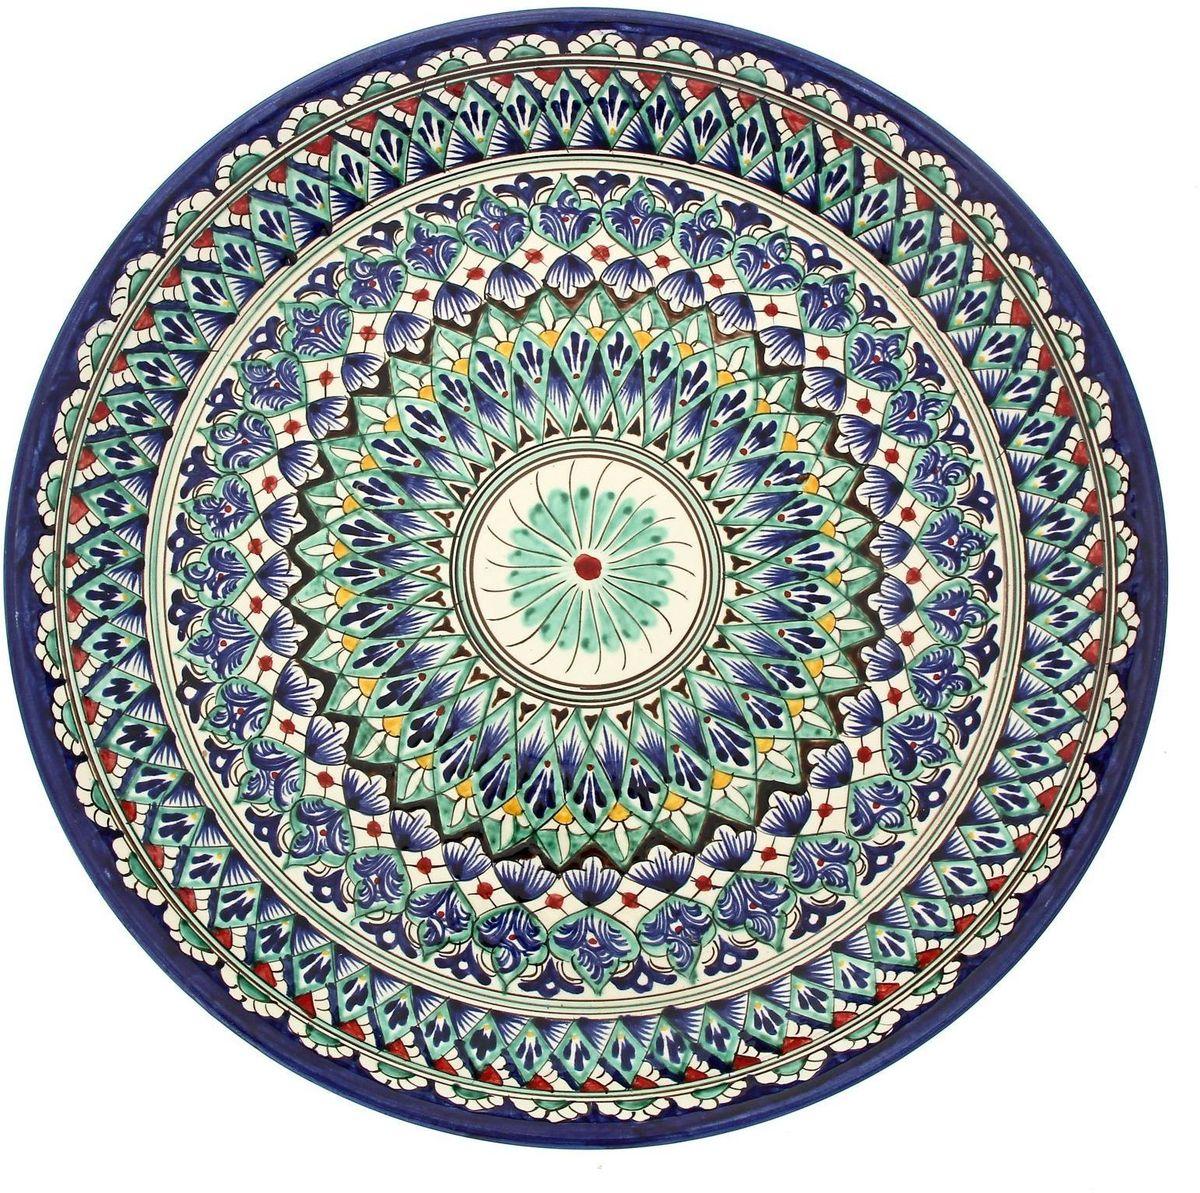 Ляган Риштанская керамика, диаметр 36 см. 19234721923472Ляган — это не просто обеденный атрибут, это украшение стола. Посуда с национальной росписью станет отменным подарком для ценителей высокородной посуды.Риштан — город на востоке Узбекистана, один из древнейших в Ферганской долине. С давних времён Риштан славится своим гончарным искусством изготовления цветной керамики. Красноватую глину для изделия добывают в самом городе. Мастера утверждают, что их глина настолько высокого качества, что даже не нуждается в предварительной обработке. Дополните коллекцию кухонных аксессуаров пряными восточными нотами.